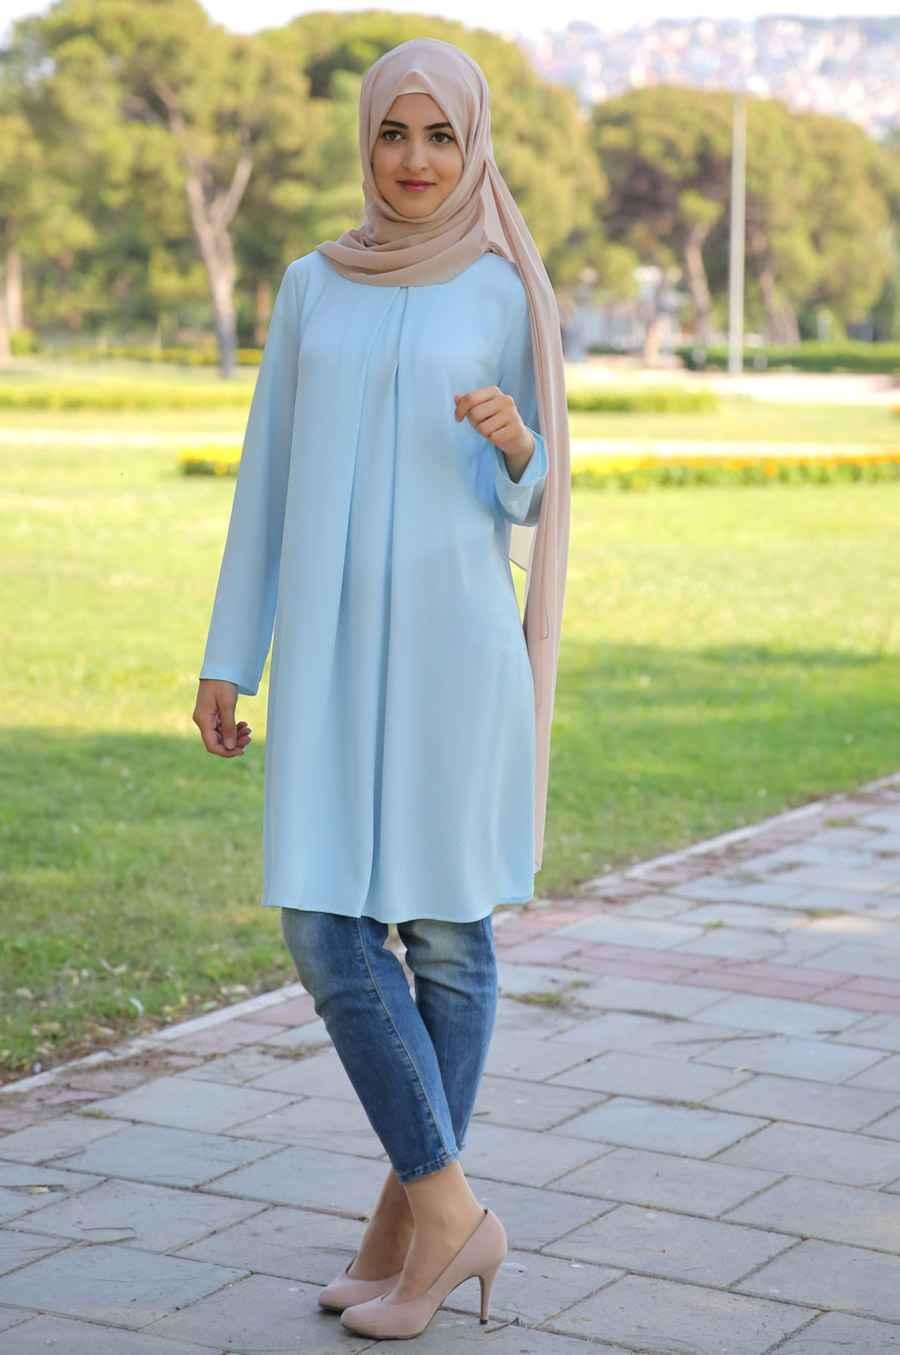 Som Fashion Mavi Renk Tunik Modelleri